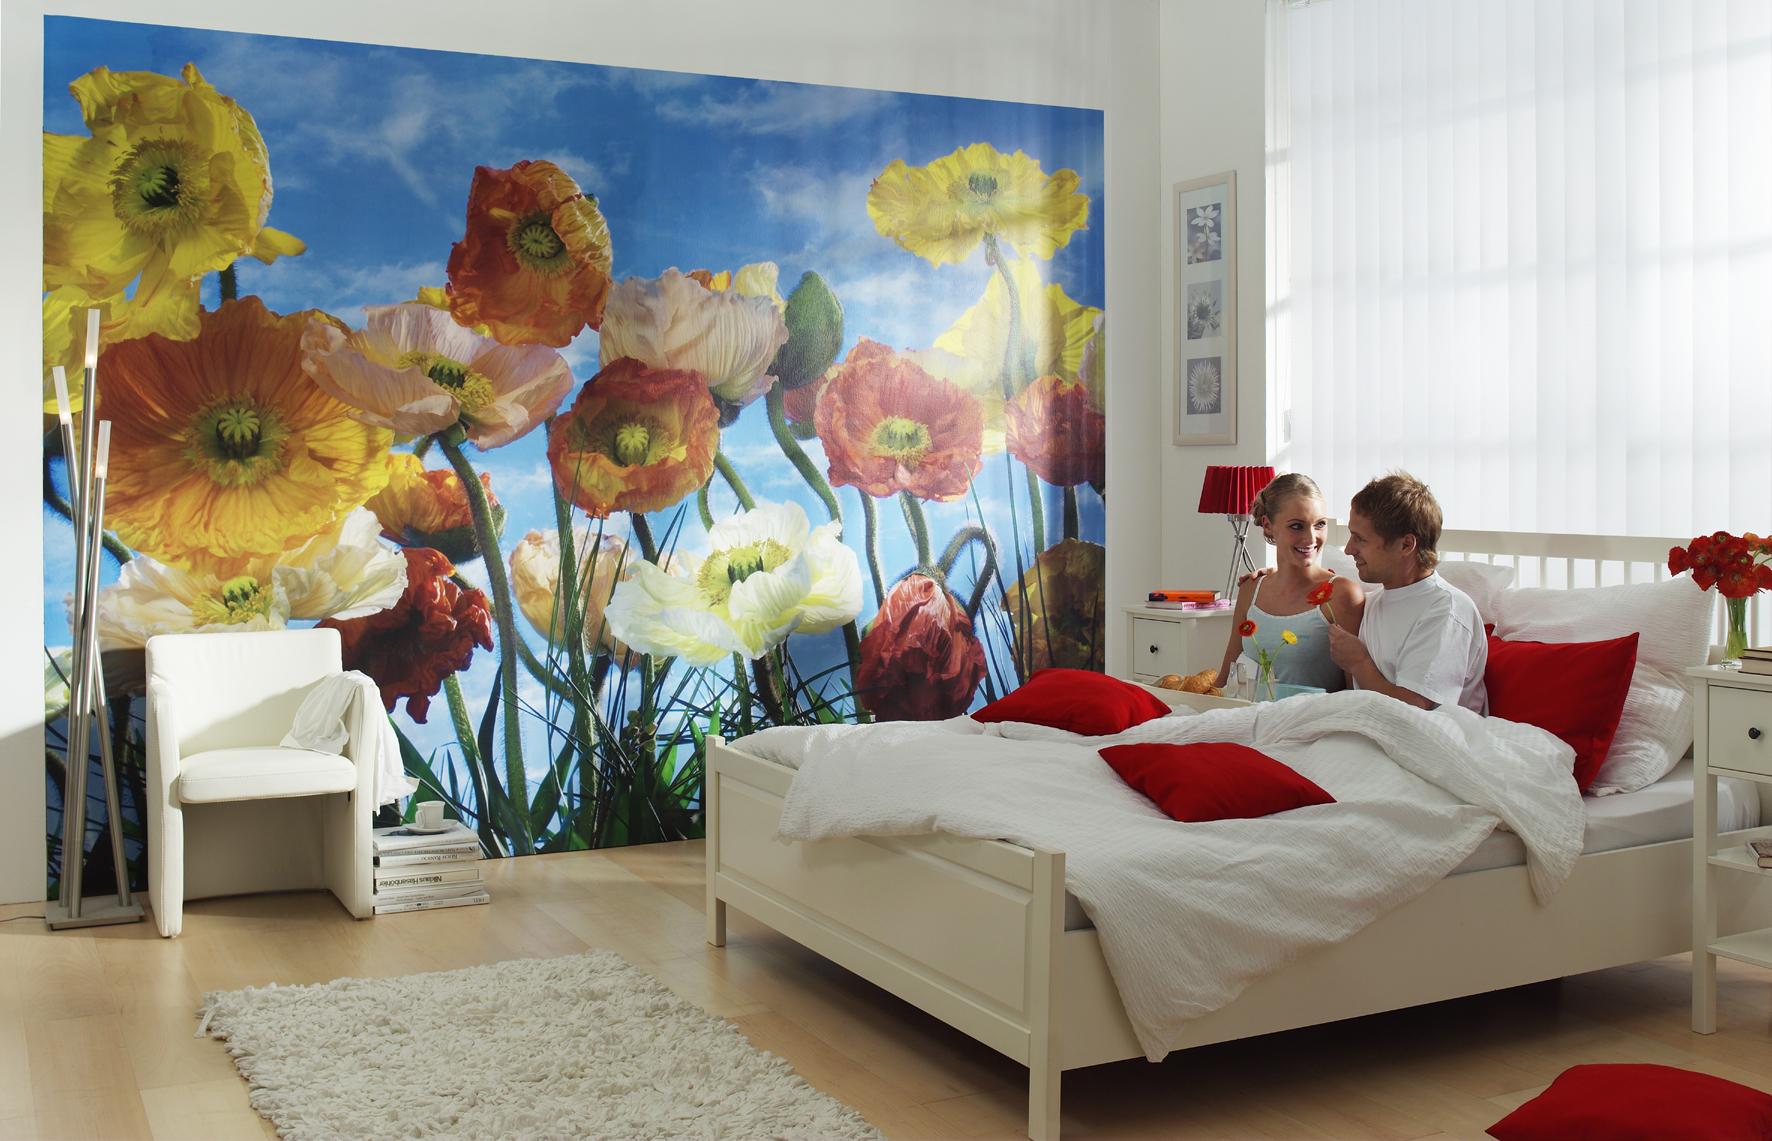 Slaapkamer Behangen Ideeen : Een nieuw uiterlijk voor de slaapkamer ...